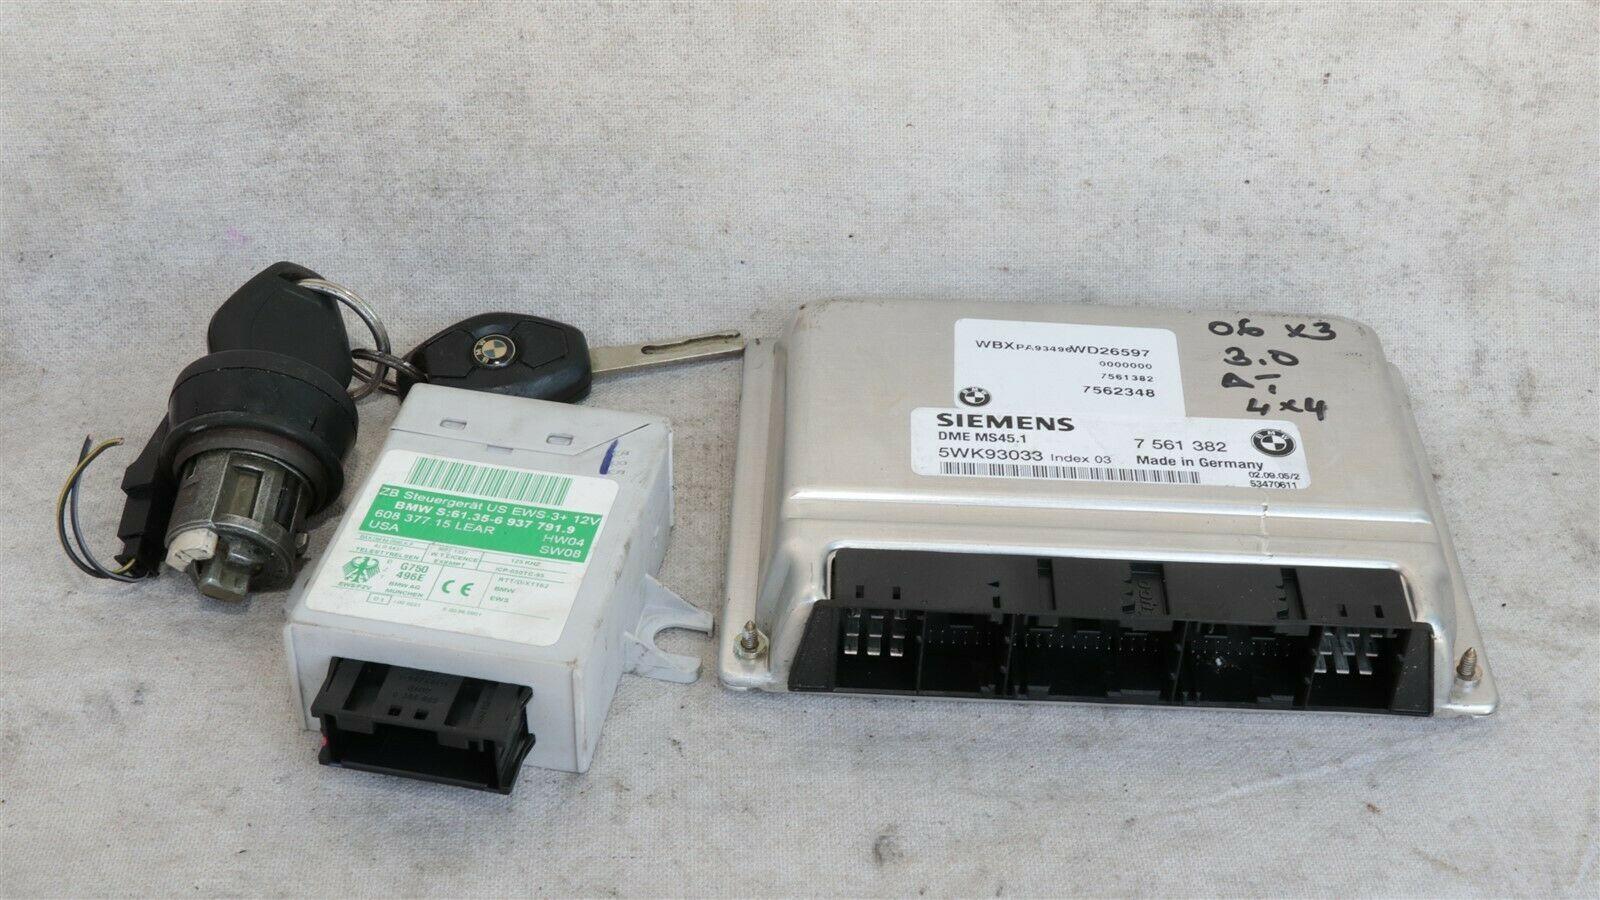 06 Bmw X3 3.0i N52 Engine Control Module Computer Ecu Ecm Ignition Immo 7561382